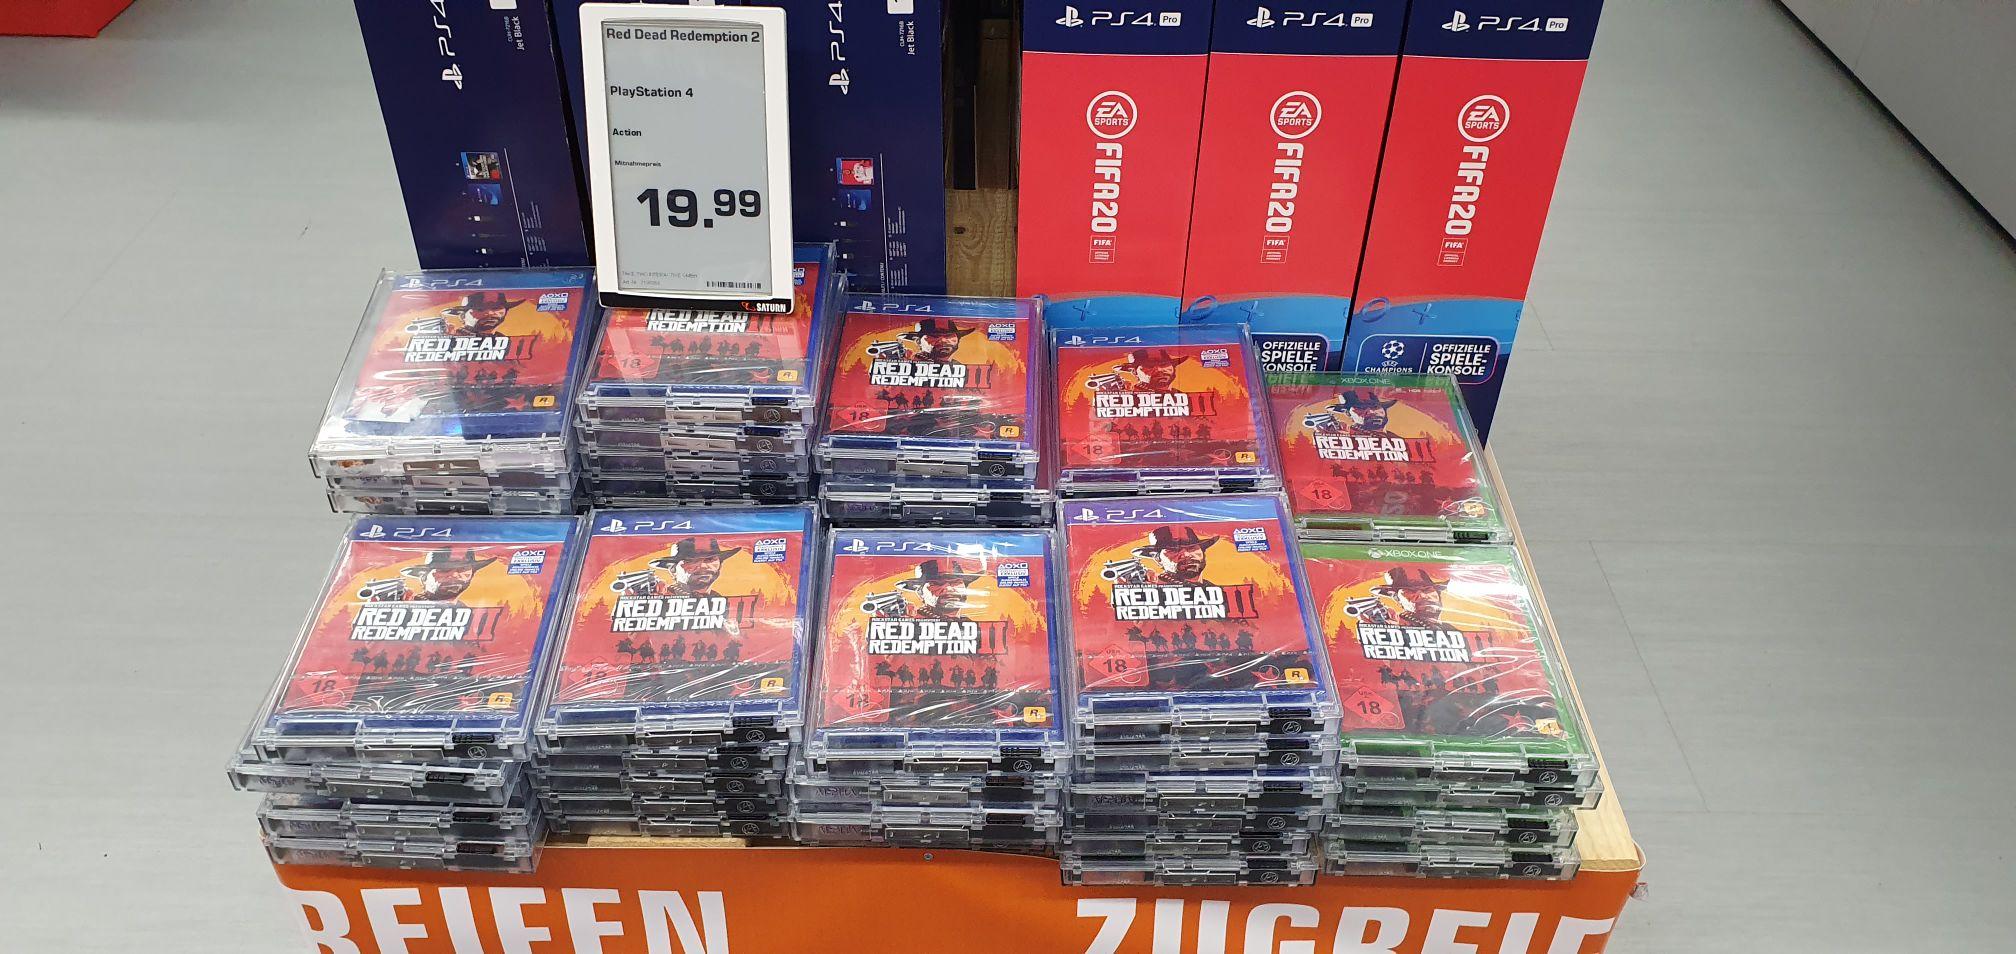 Red Dead Redemption 2 ps4 und xbox one im Saturn HBF Leipzig